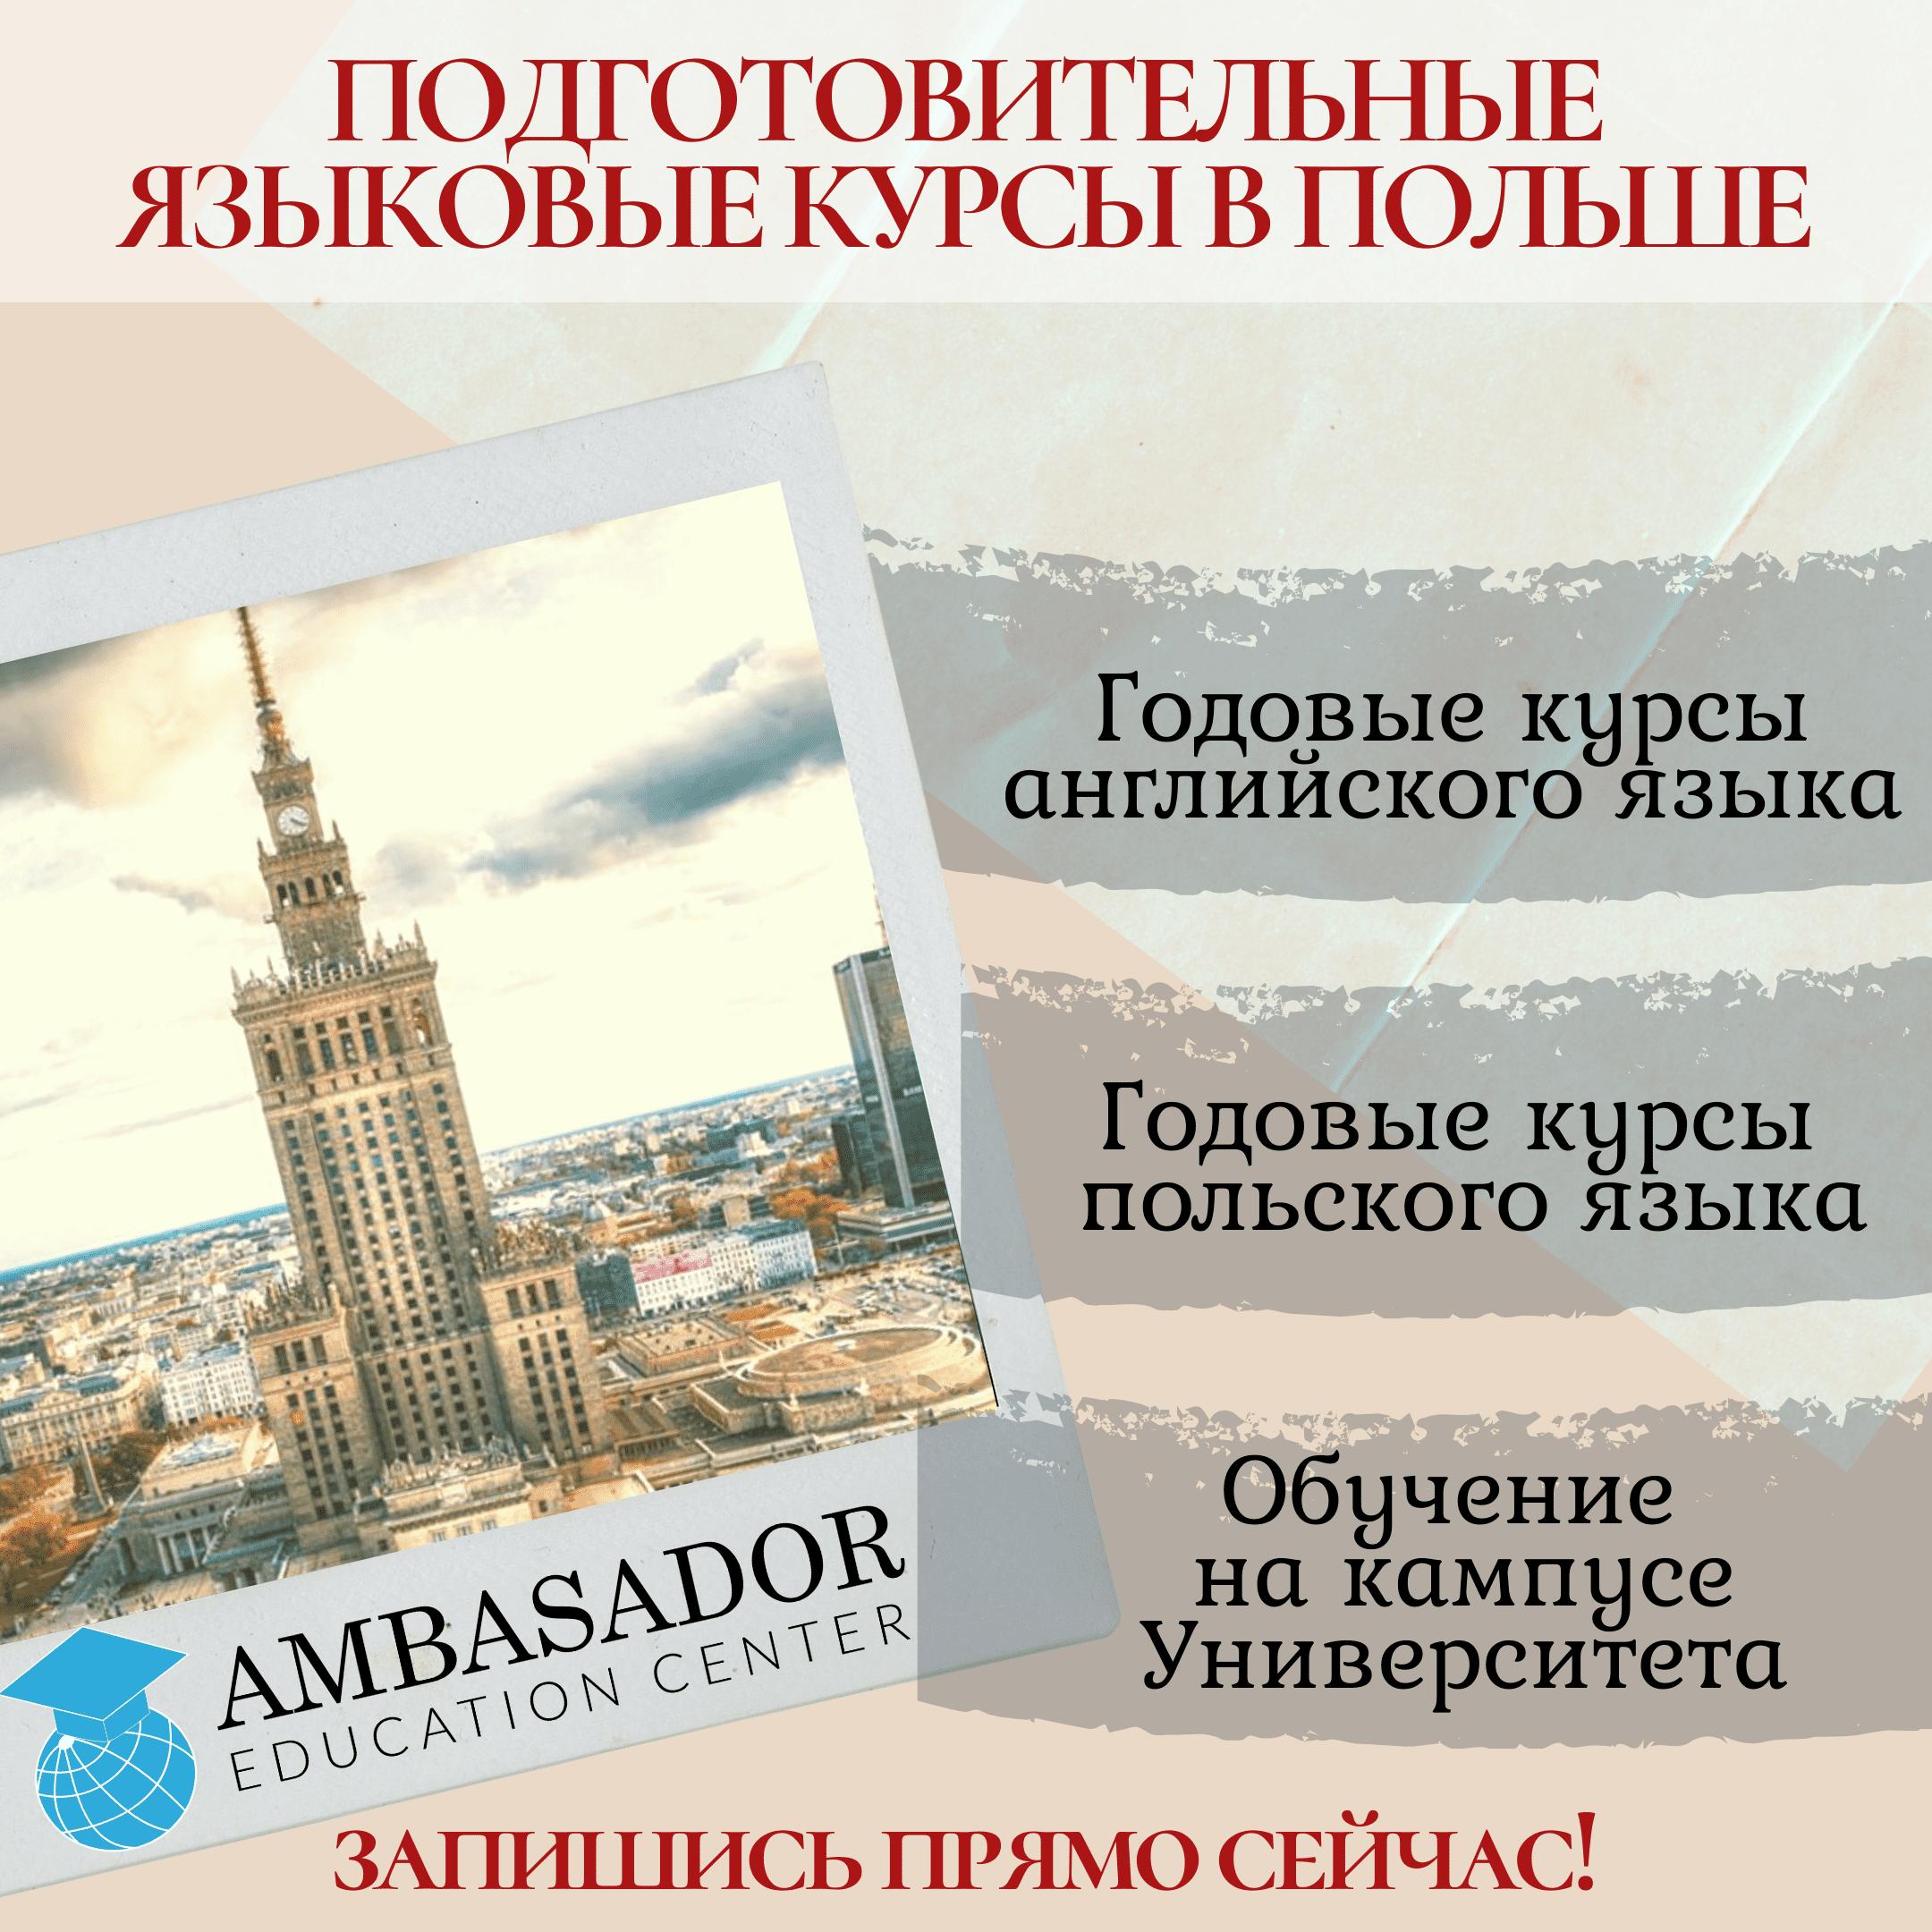 языковые курсы в польше, высшее образование в польше, образовательный центр AMBASADOR, обучение в польше, поступить в польшу, университет в Польше, учеба в польше, обучение в польше, поступают в польшу